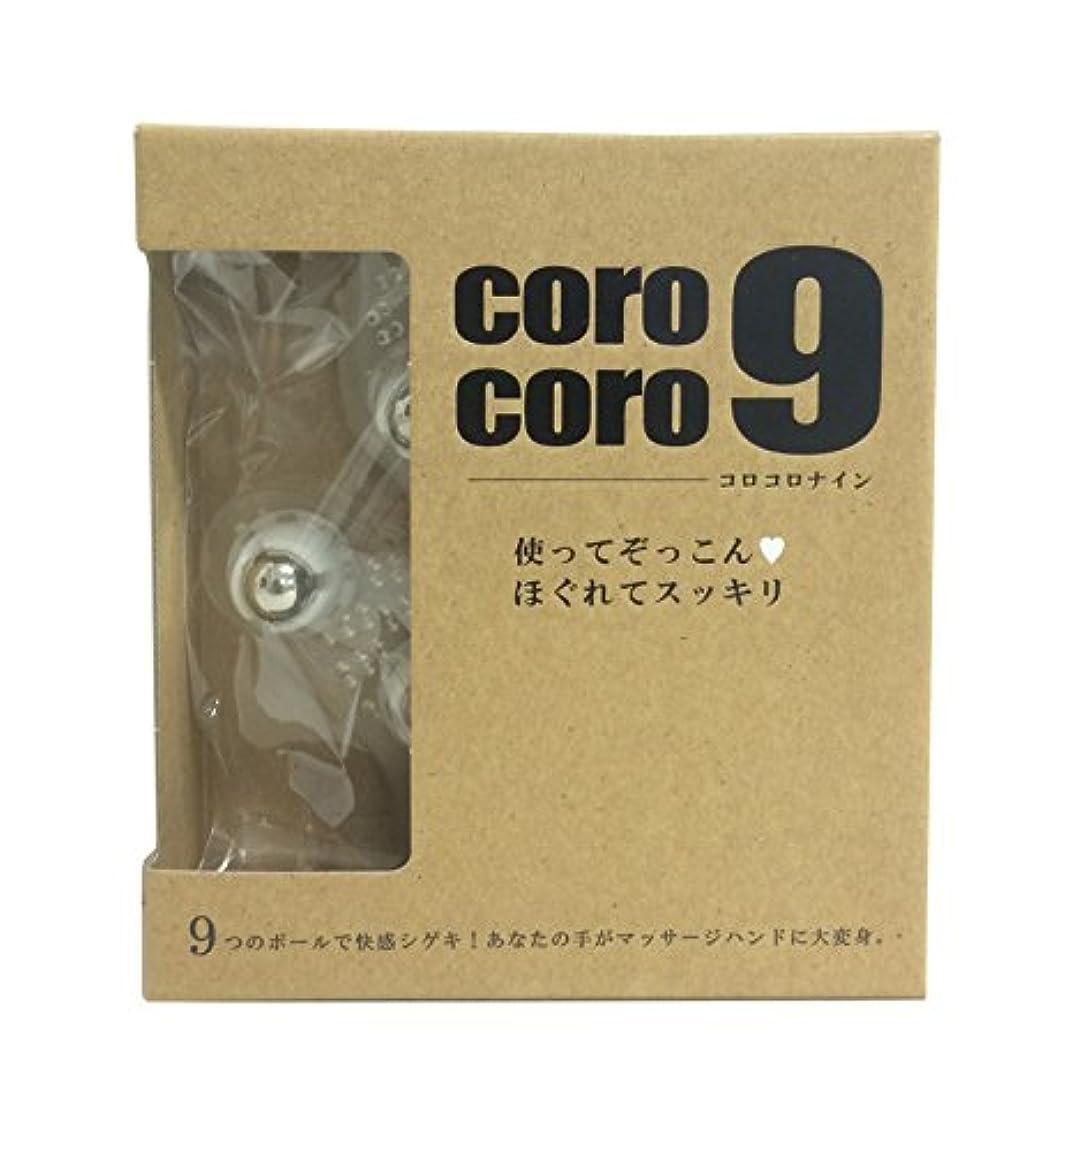 に勝る個性クラッチReシリーズ CoroCoro9 クリア